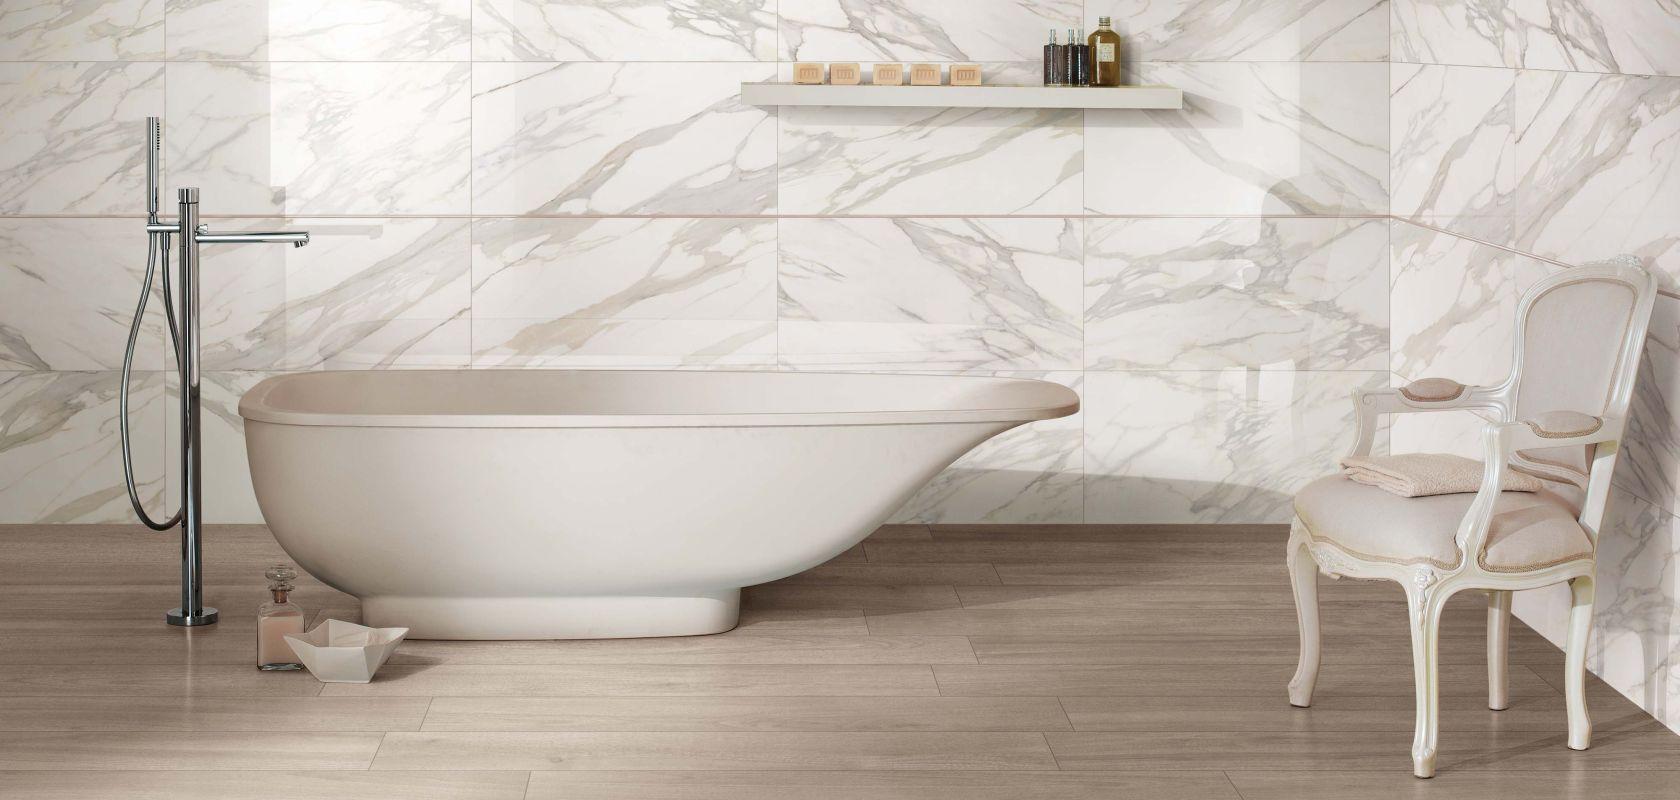 scegli pavimenti supergres da cirelli arredo bagno - Arredo Bagno Tiburtina